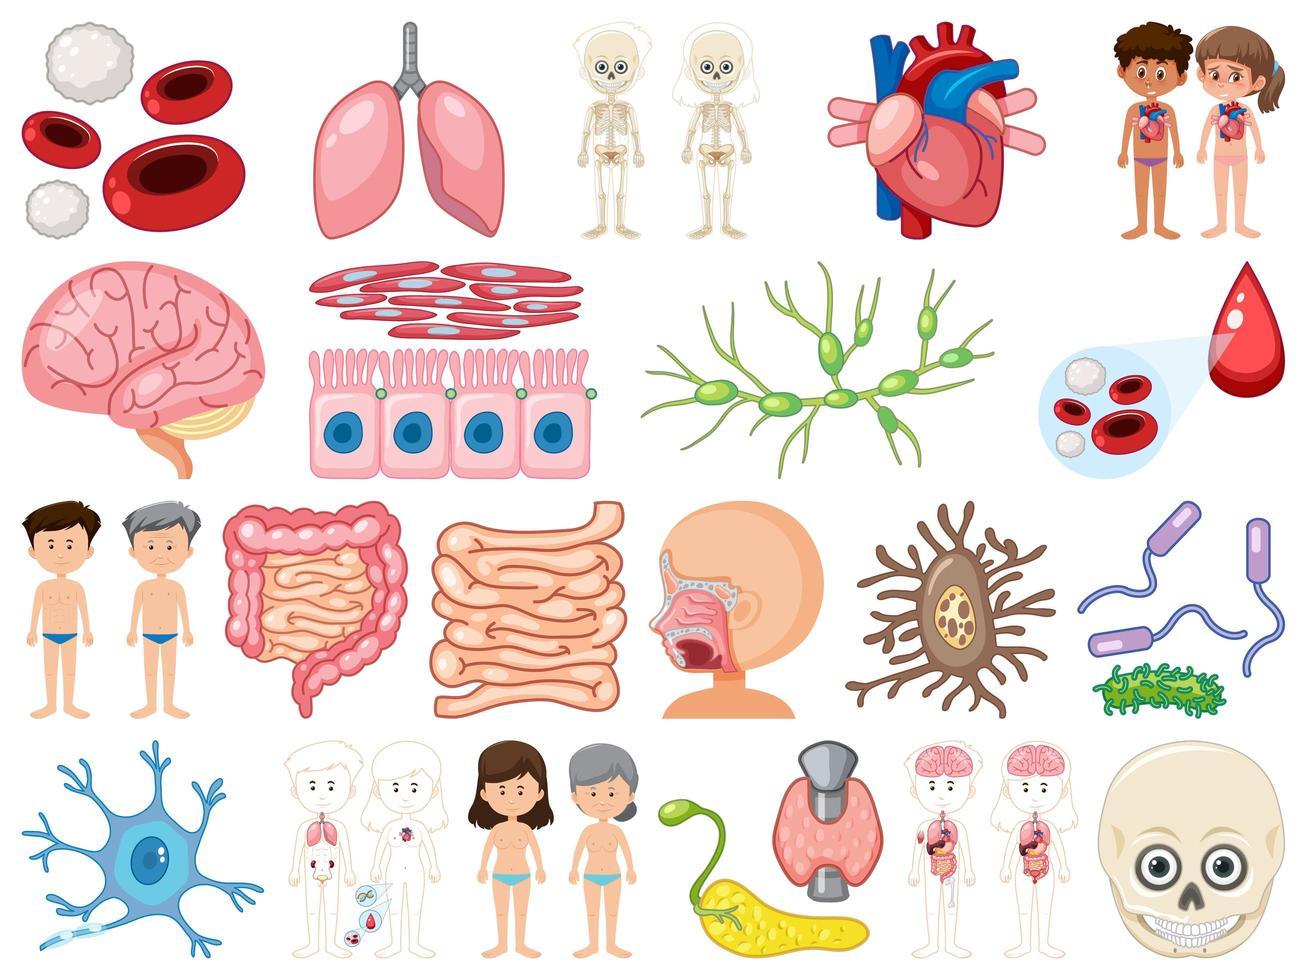 ensemble d'organes internes humains isolé sur fond blanc vecteur